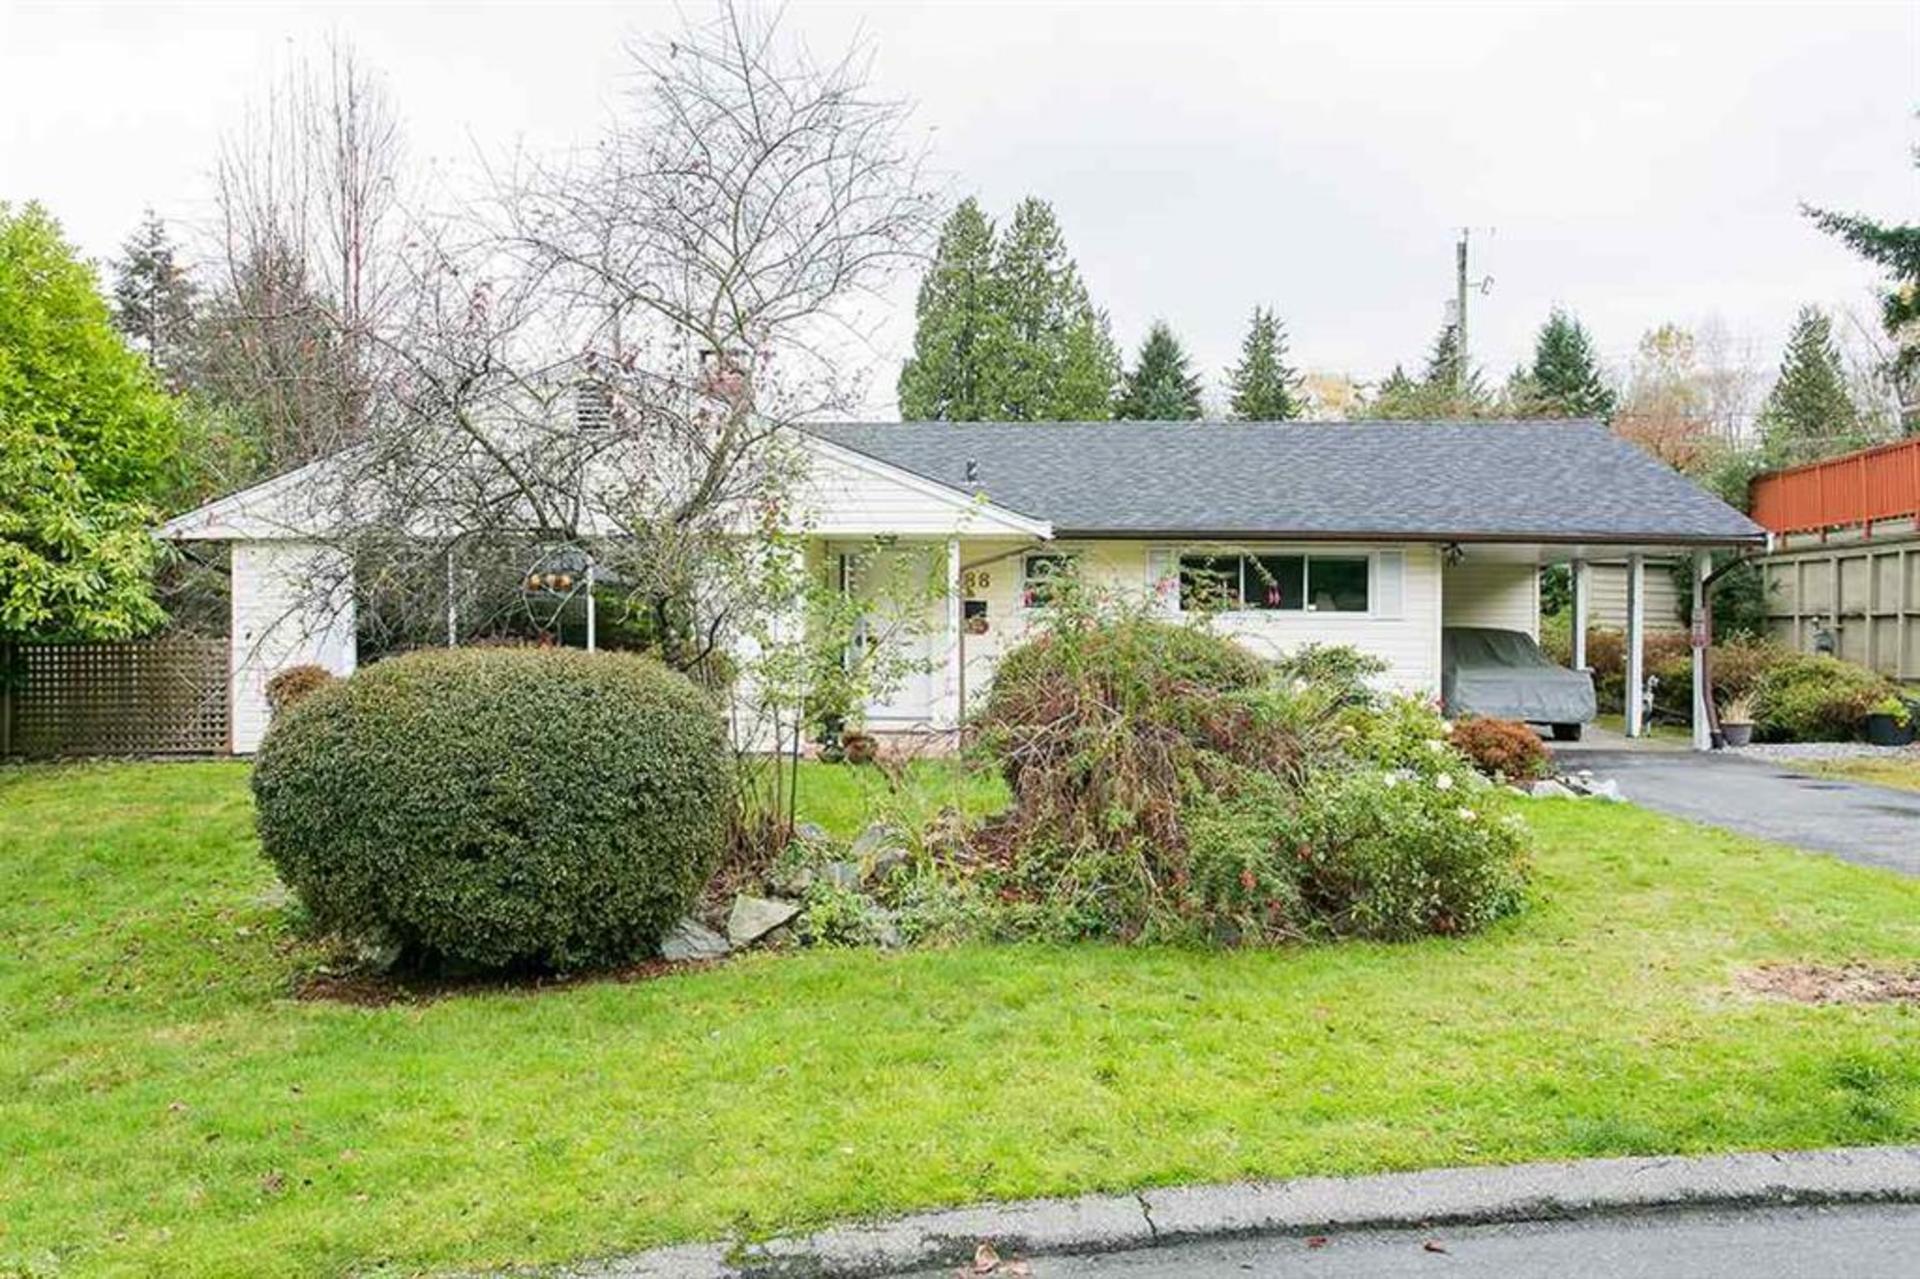 788-Blythwood at 788 Blythwood Drive, Delbrook, North Vancouver